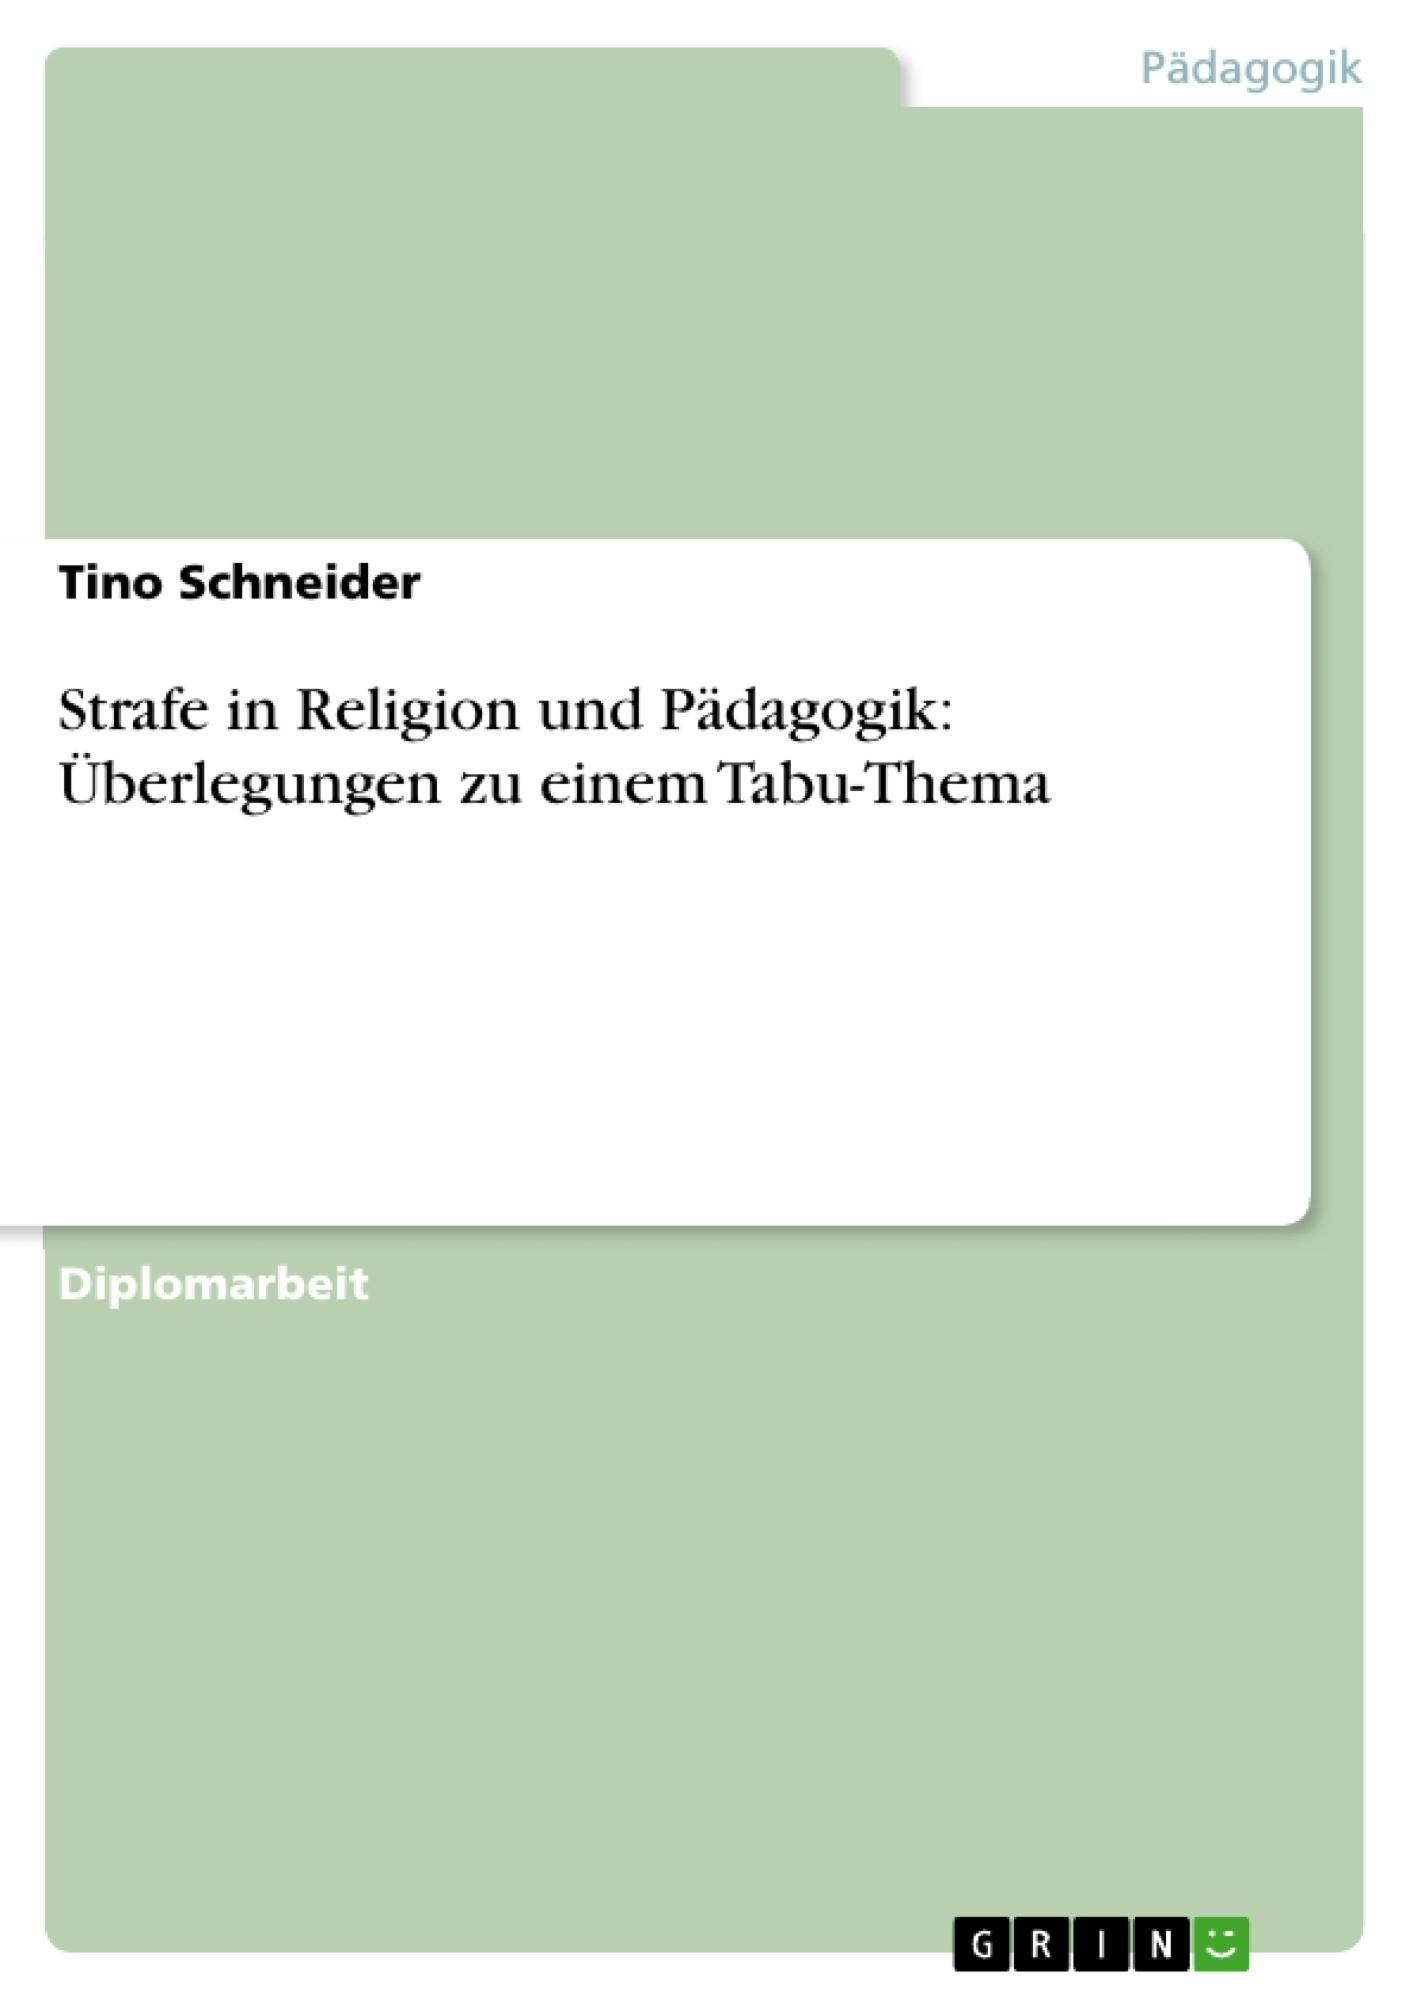 Titel: Strafe in Religion und Pädagogik: Überlegungen zu einem Tabu-Thema